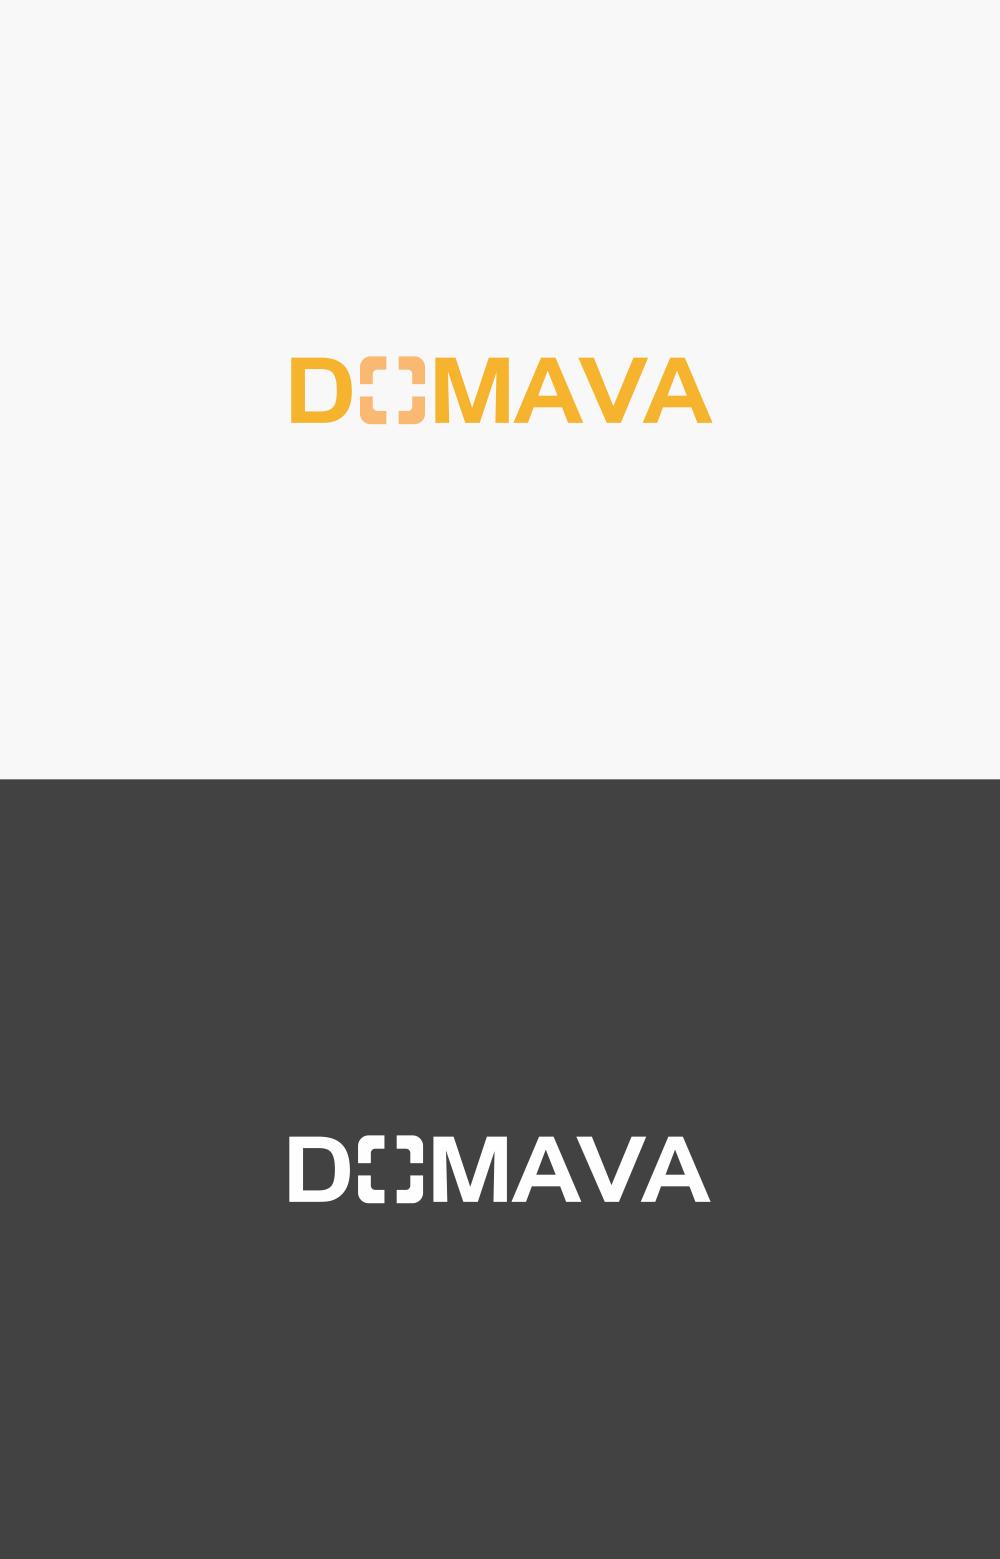 Разработка логотипа с паспортом стандартов фото f_3655b9f5b4aee82f.png